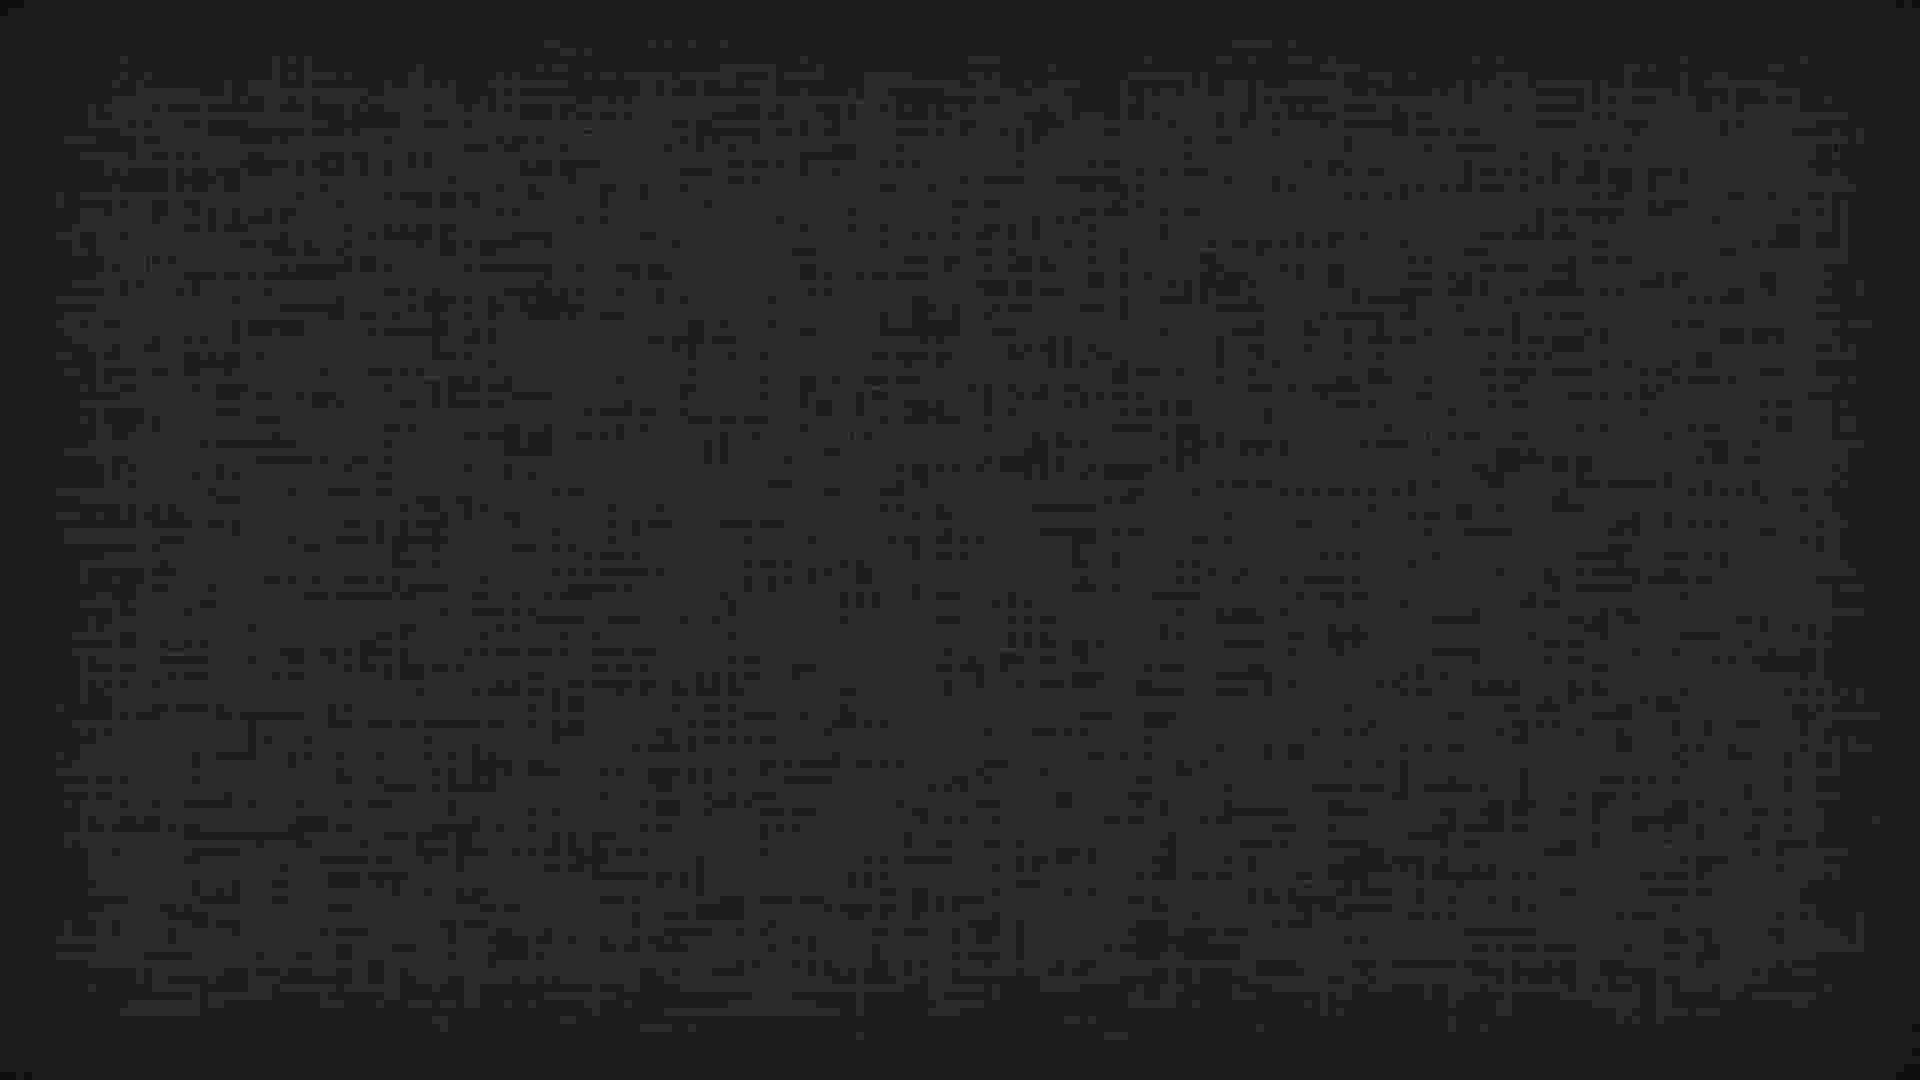 web page background color 71 black gradient wallpaper on wallpapersafari page color background web